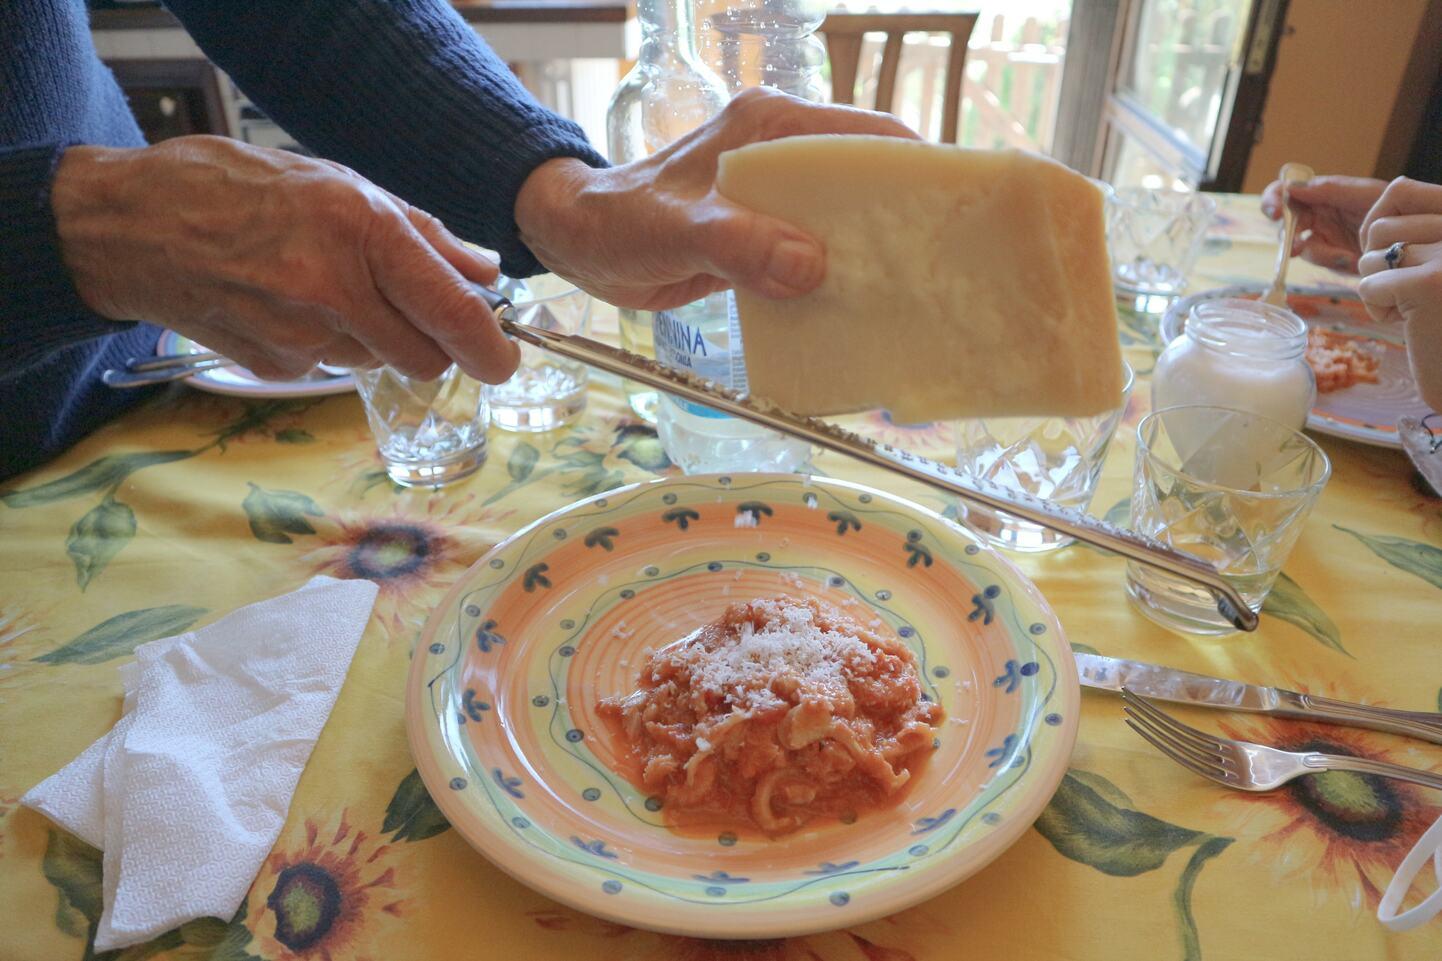 お皿にのせたトリッパにチーズを加えるところ